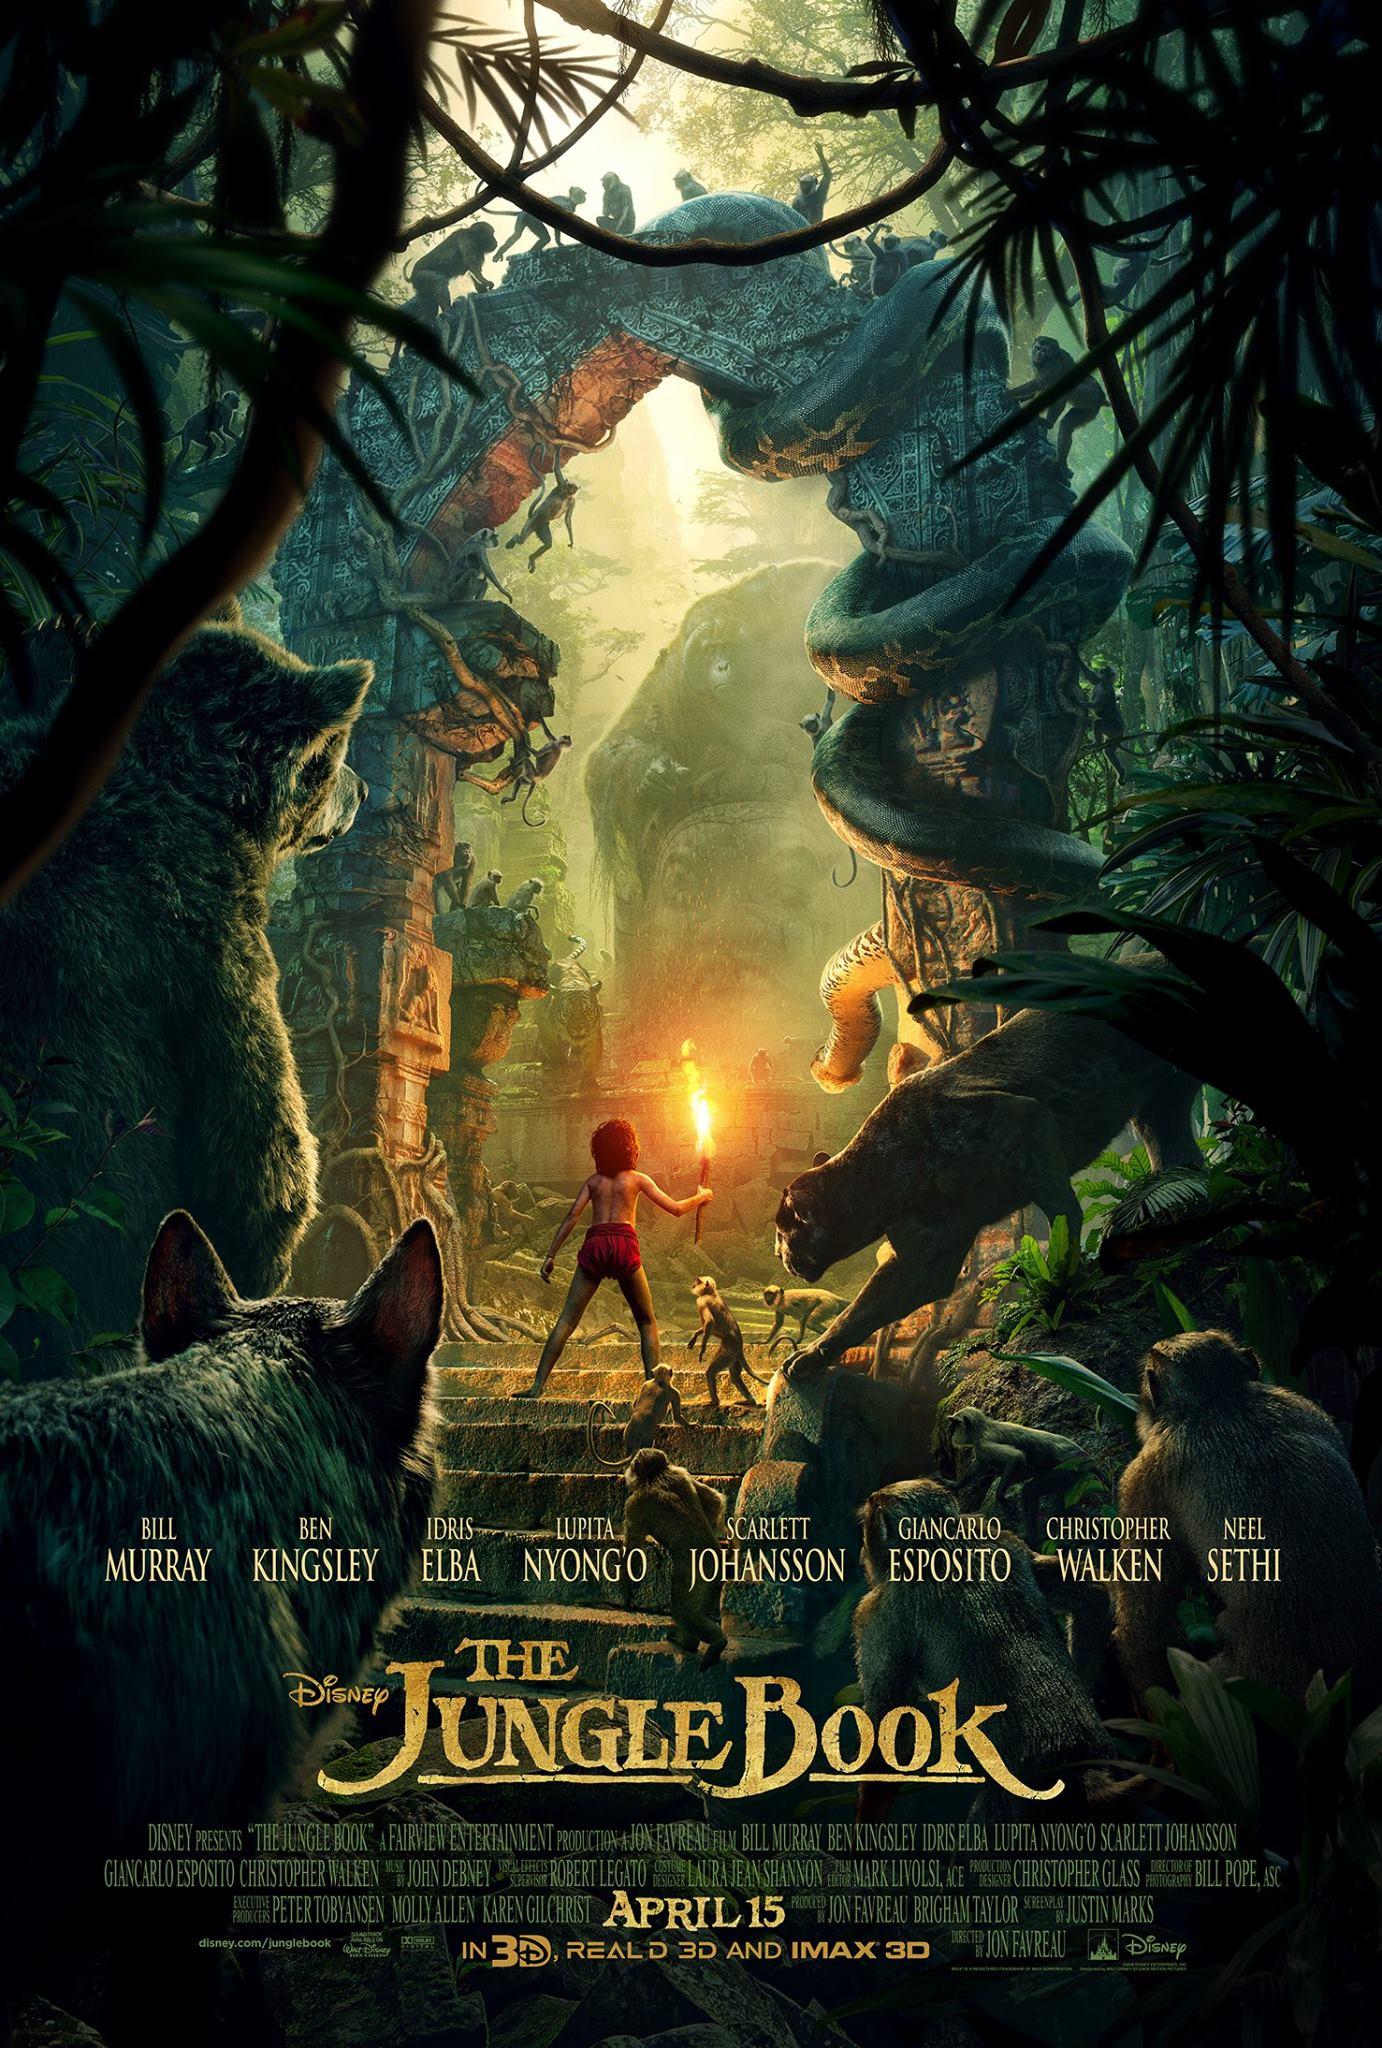 The Jungle Book (2016 film)